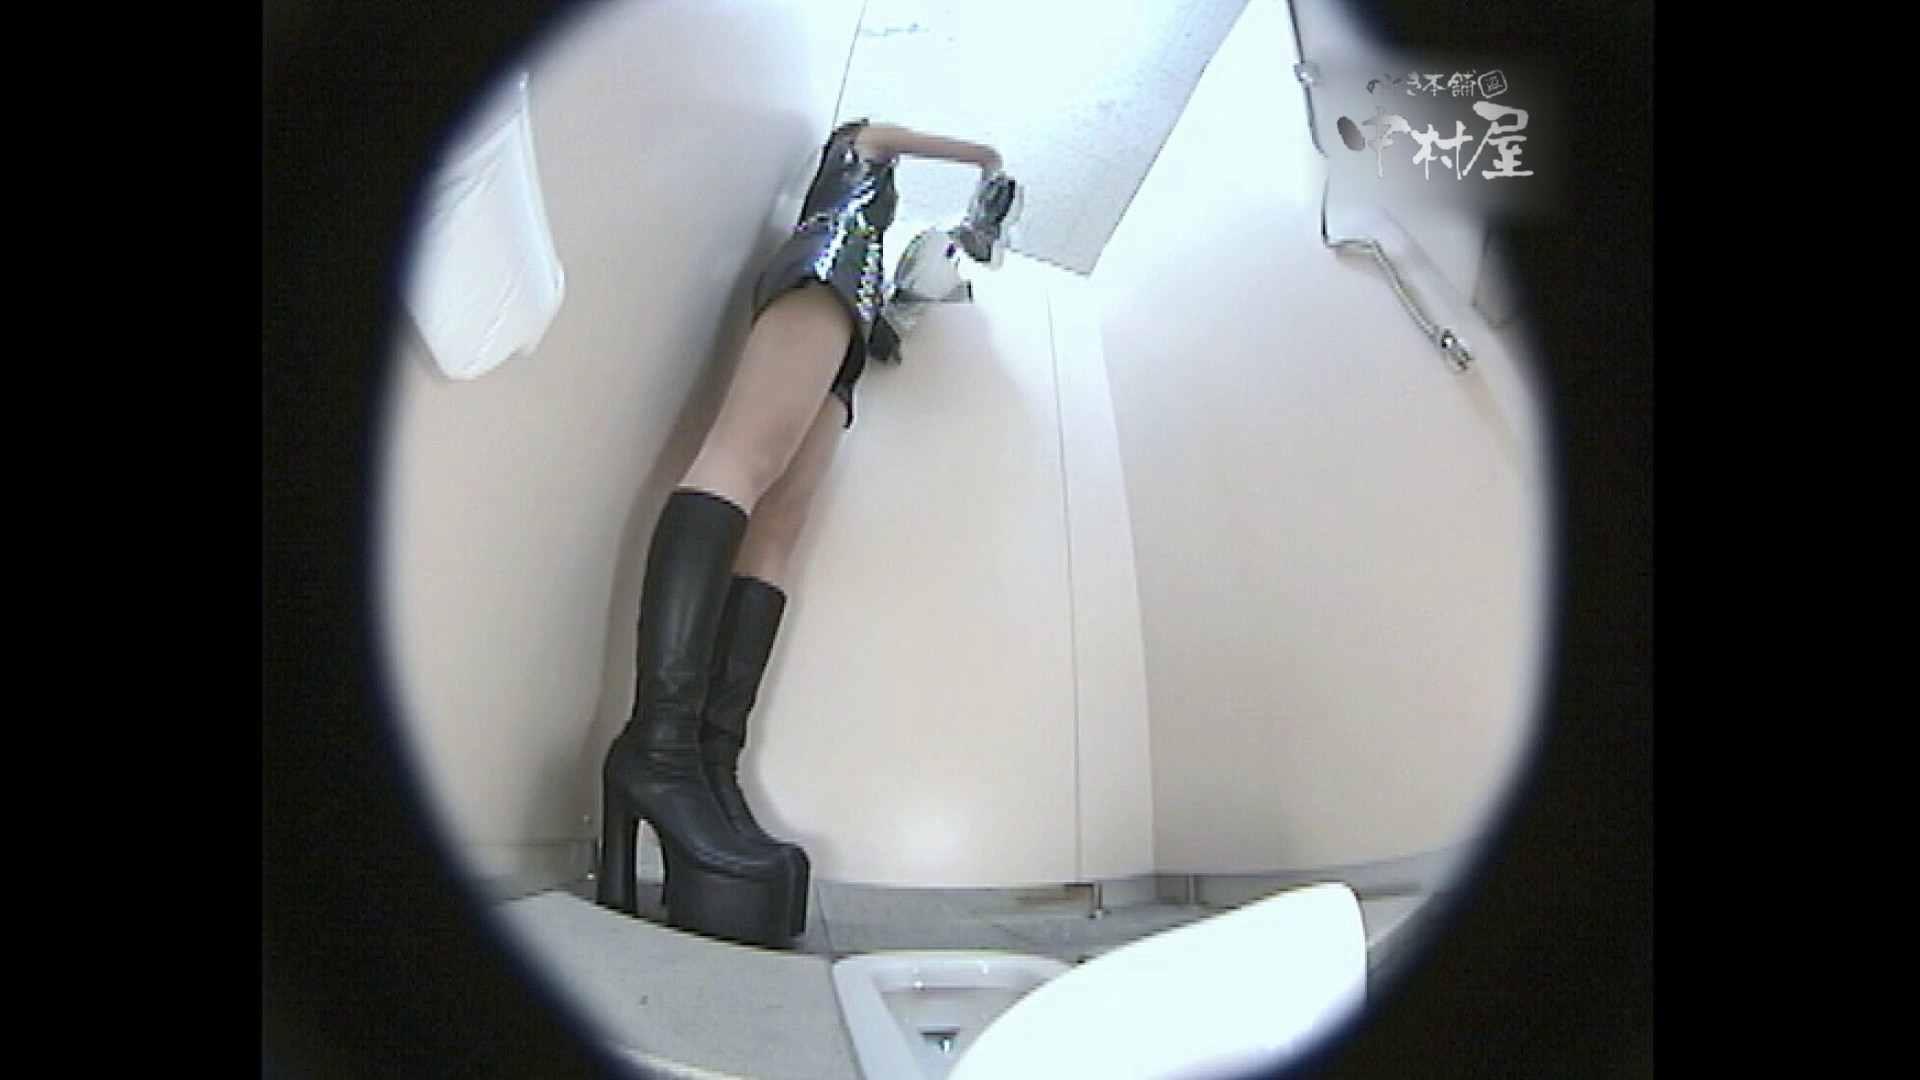 レースクィーントイレ盗撮!Vol.19 盗撮師作品 おまんこ無修正動画無料 75pic 3